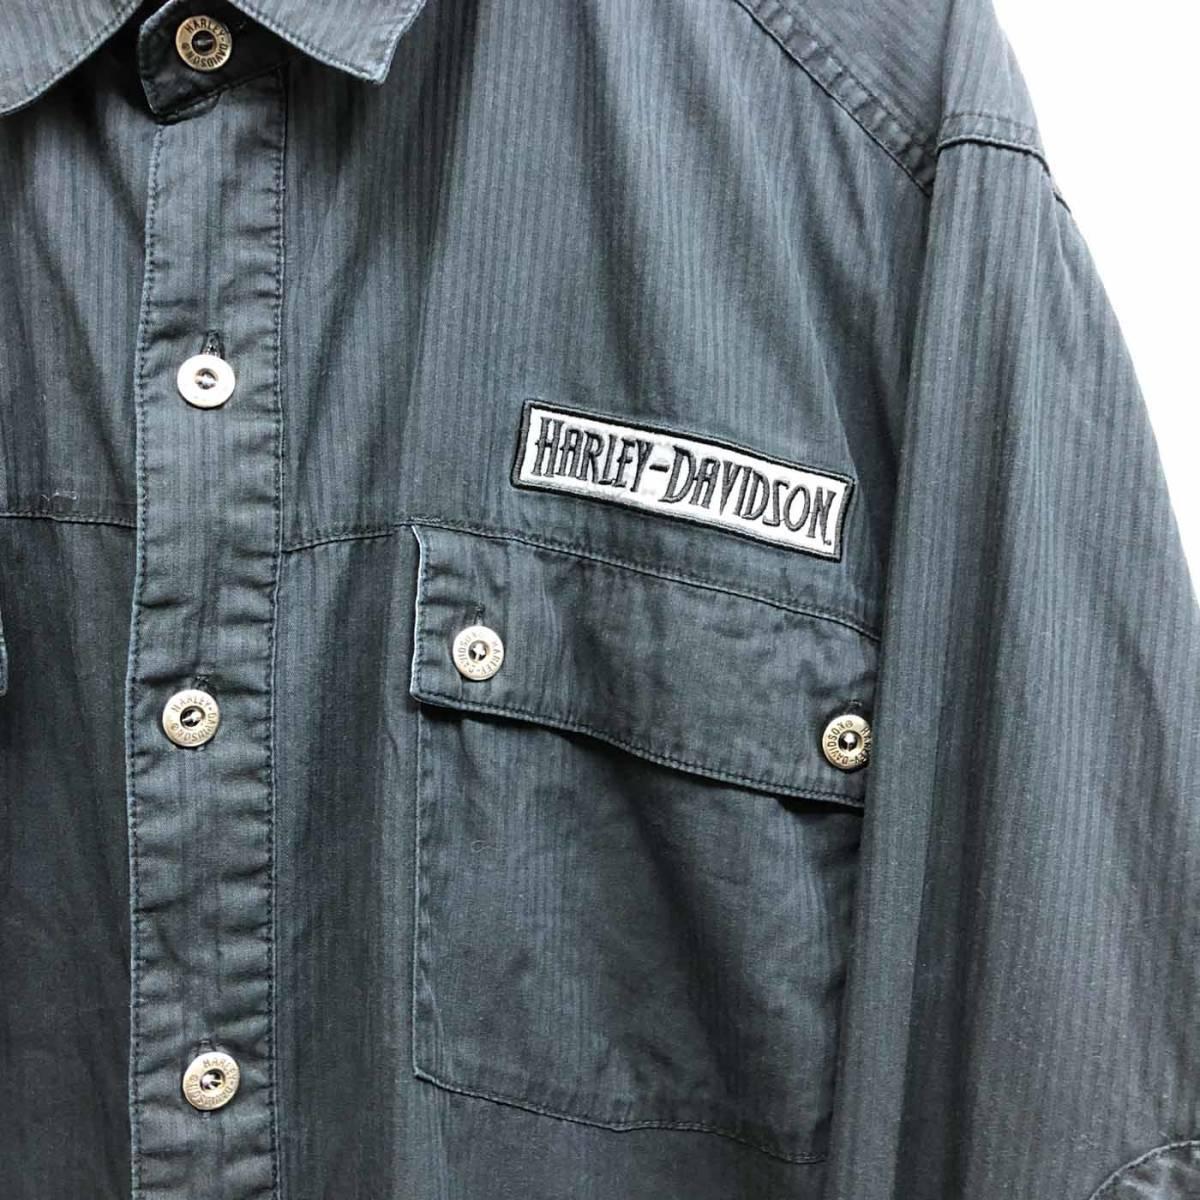 ハーレーダビッドソン Harley Davidson 古着 長袖シャツ ワーカーシャツ メンズ 2XLサイズ 9-76_画像4